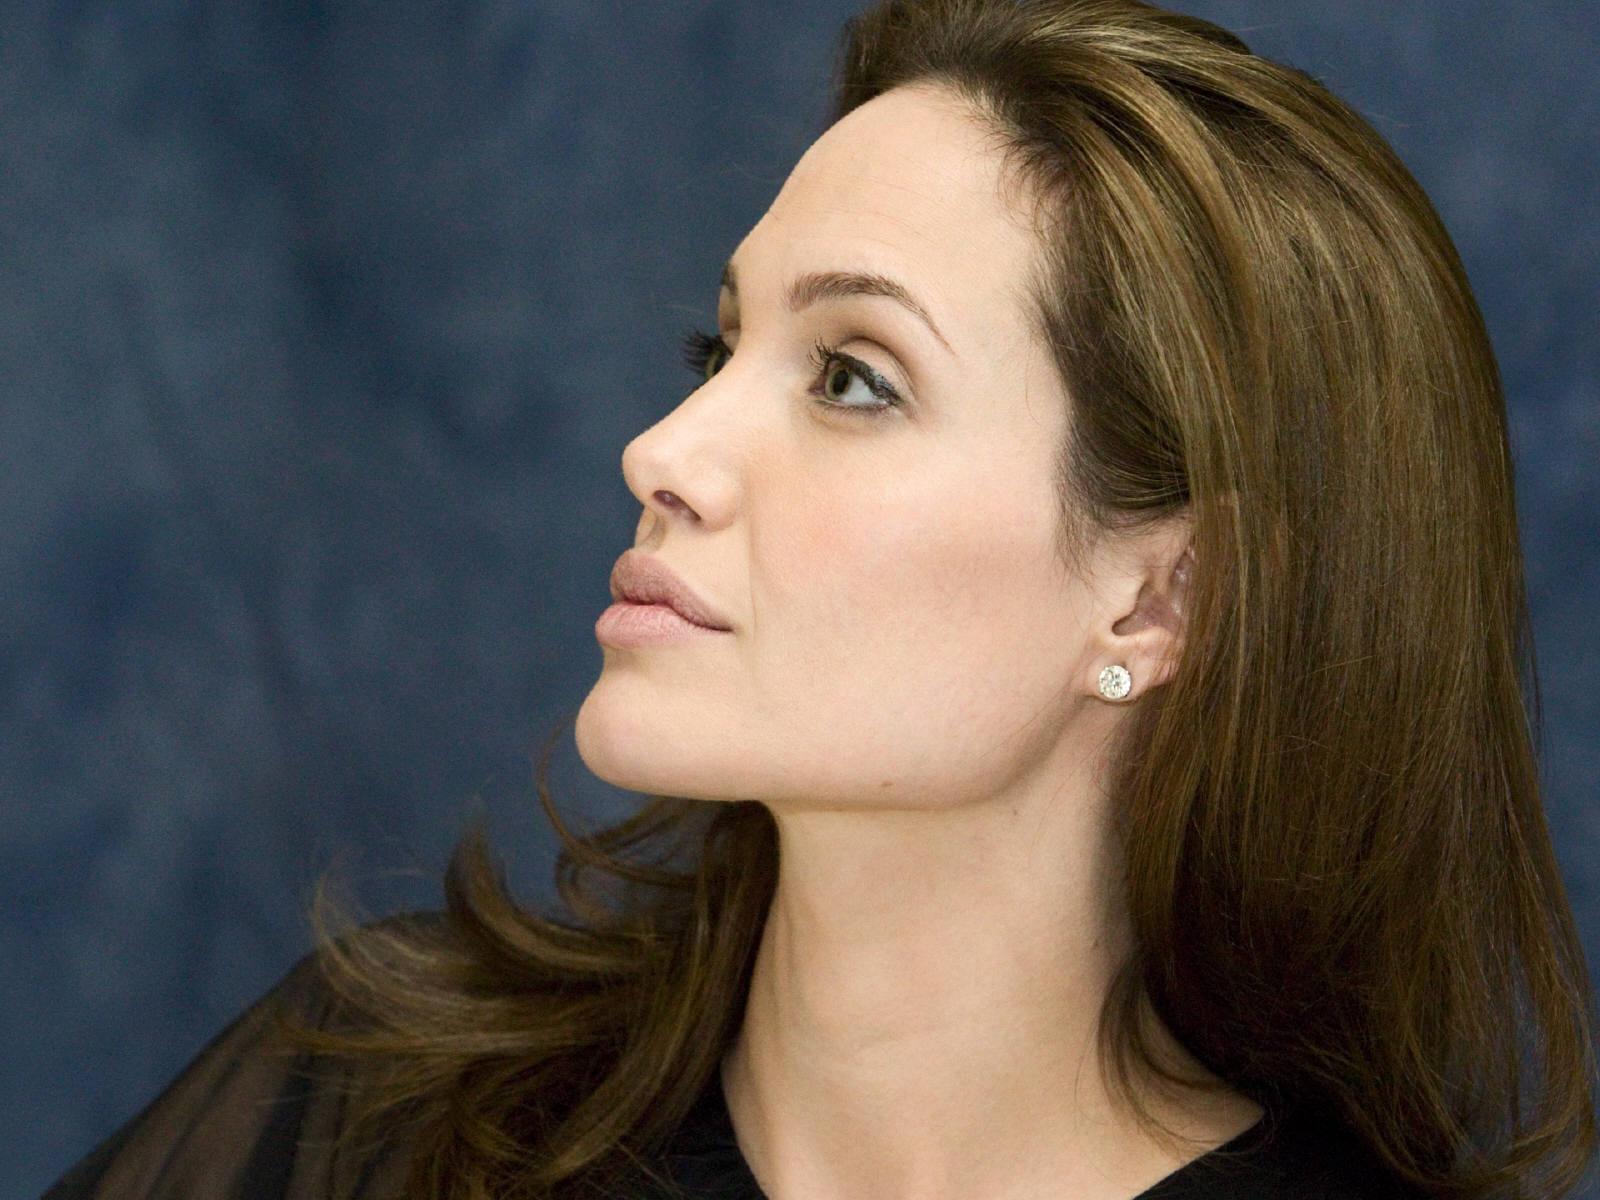 http://4.bp.blogspot.com/-Zlmwt23odsY/UBpipP3MY3I/AAAAAAAAGZM/eK3dWJjR1QI/s1600/Angelina+Jolie+HD+Wallpapers-vviphawallpapers.blogspot.com+(39).jpg